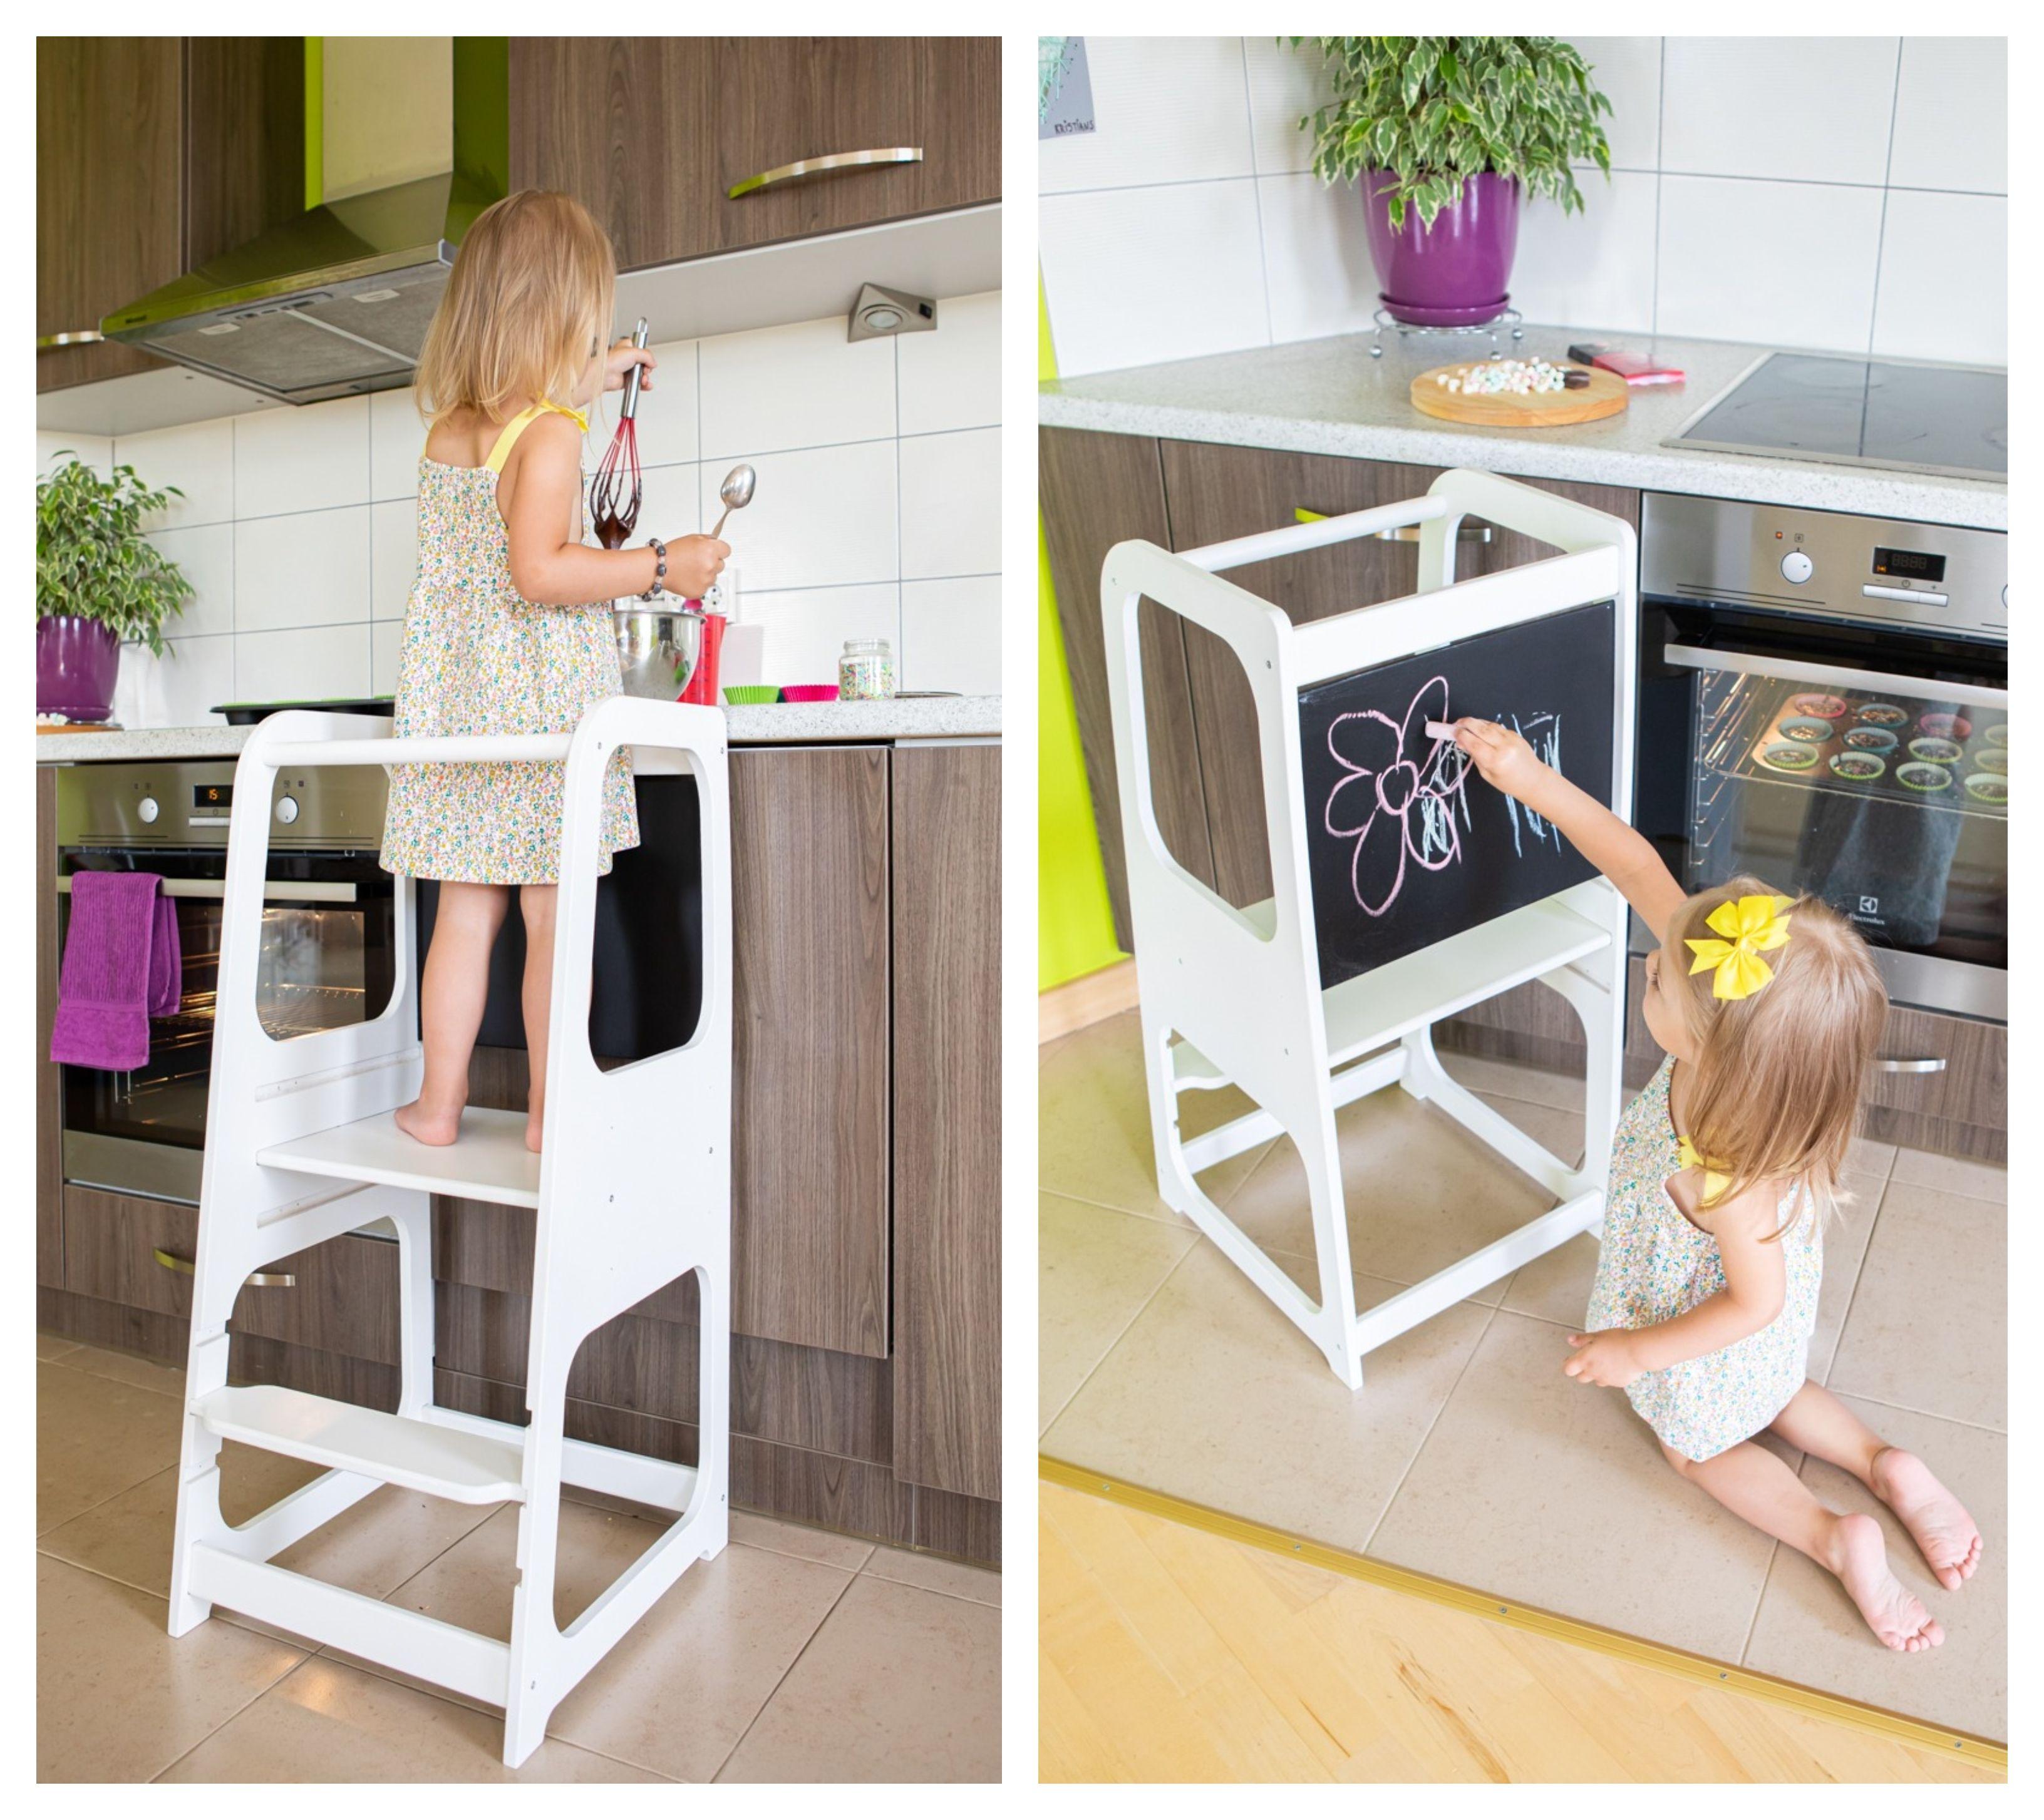 Kitchen tower, Kitchen helper tower, Kitchen stool, Toddler step stool, kids step stool, Montessori furniture, kitchen chair